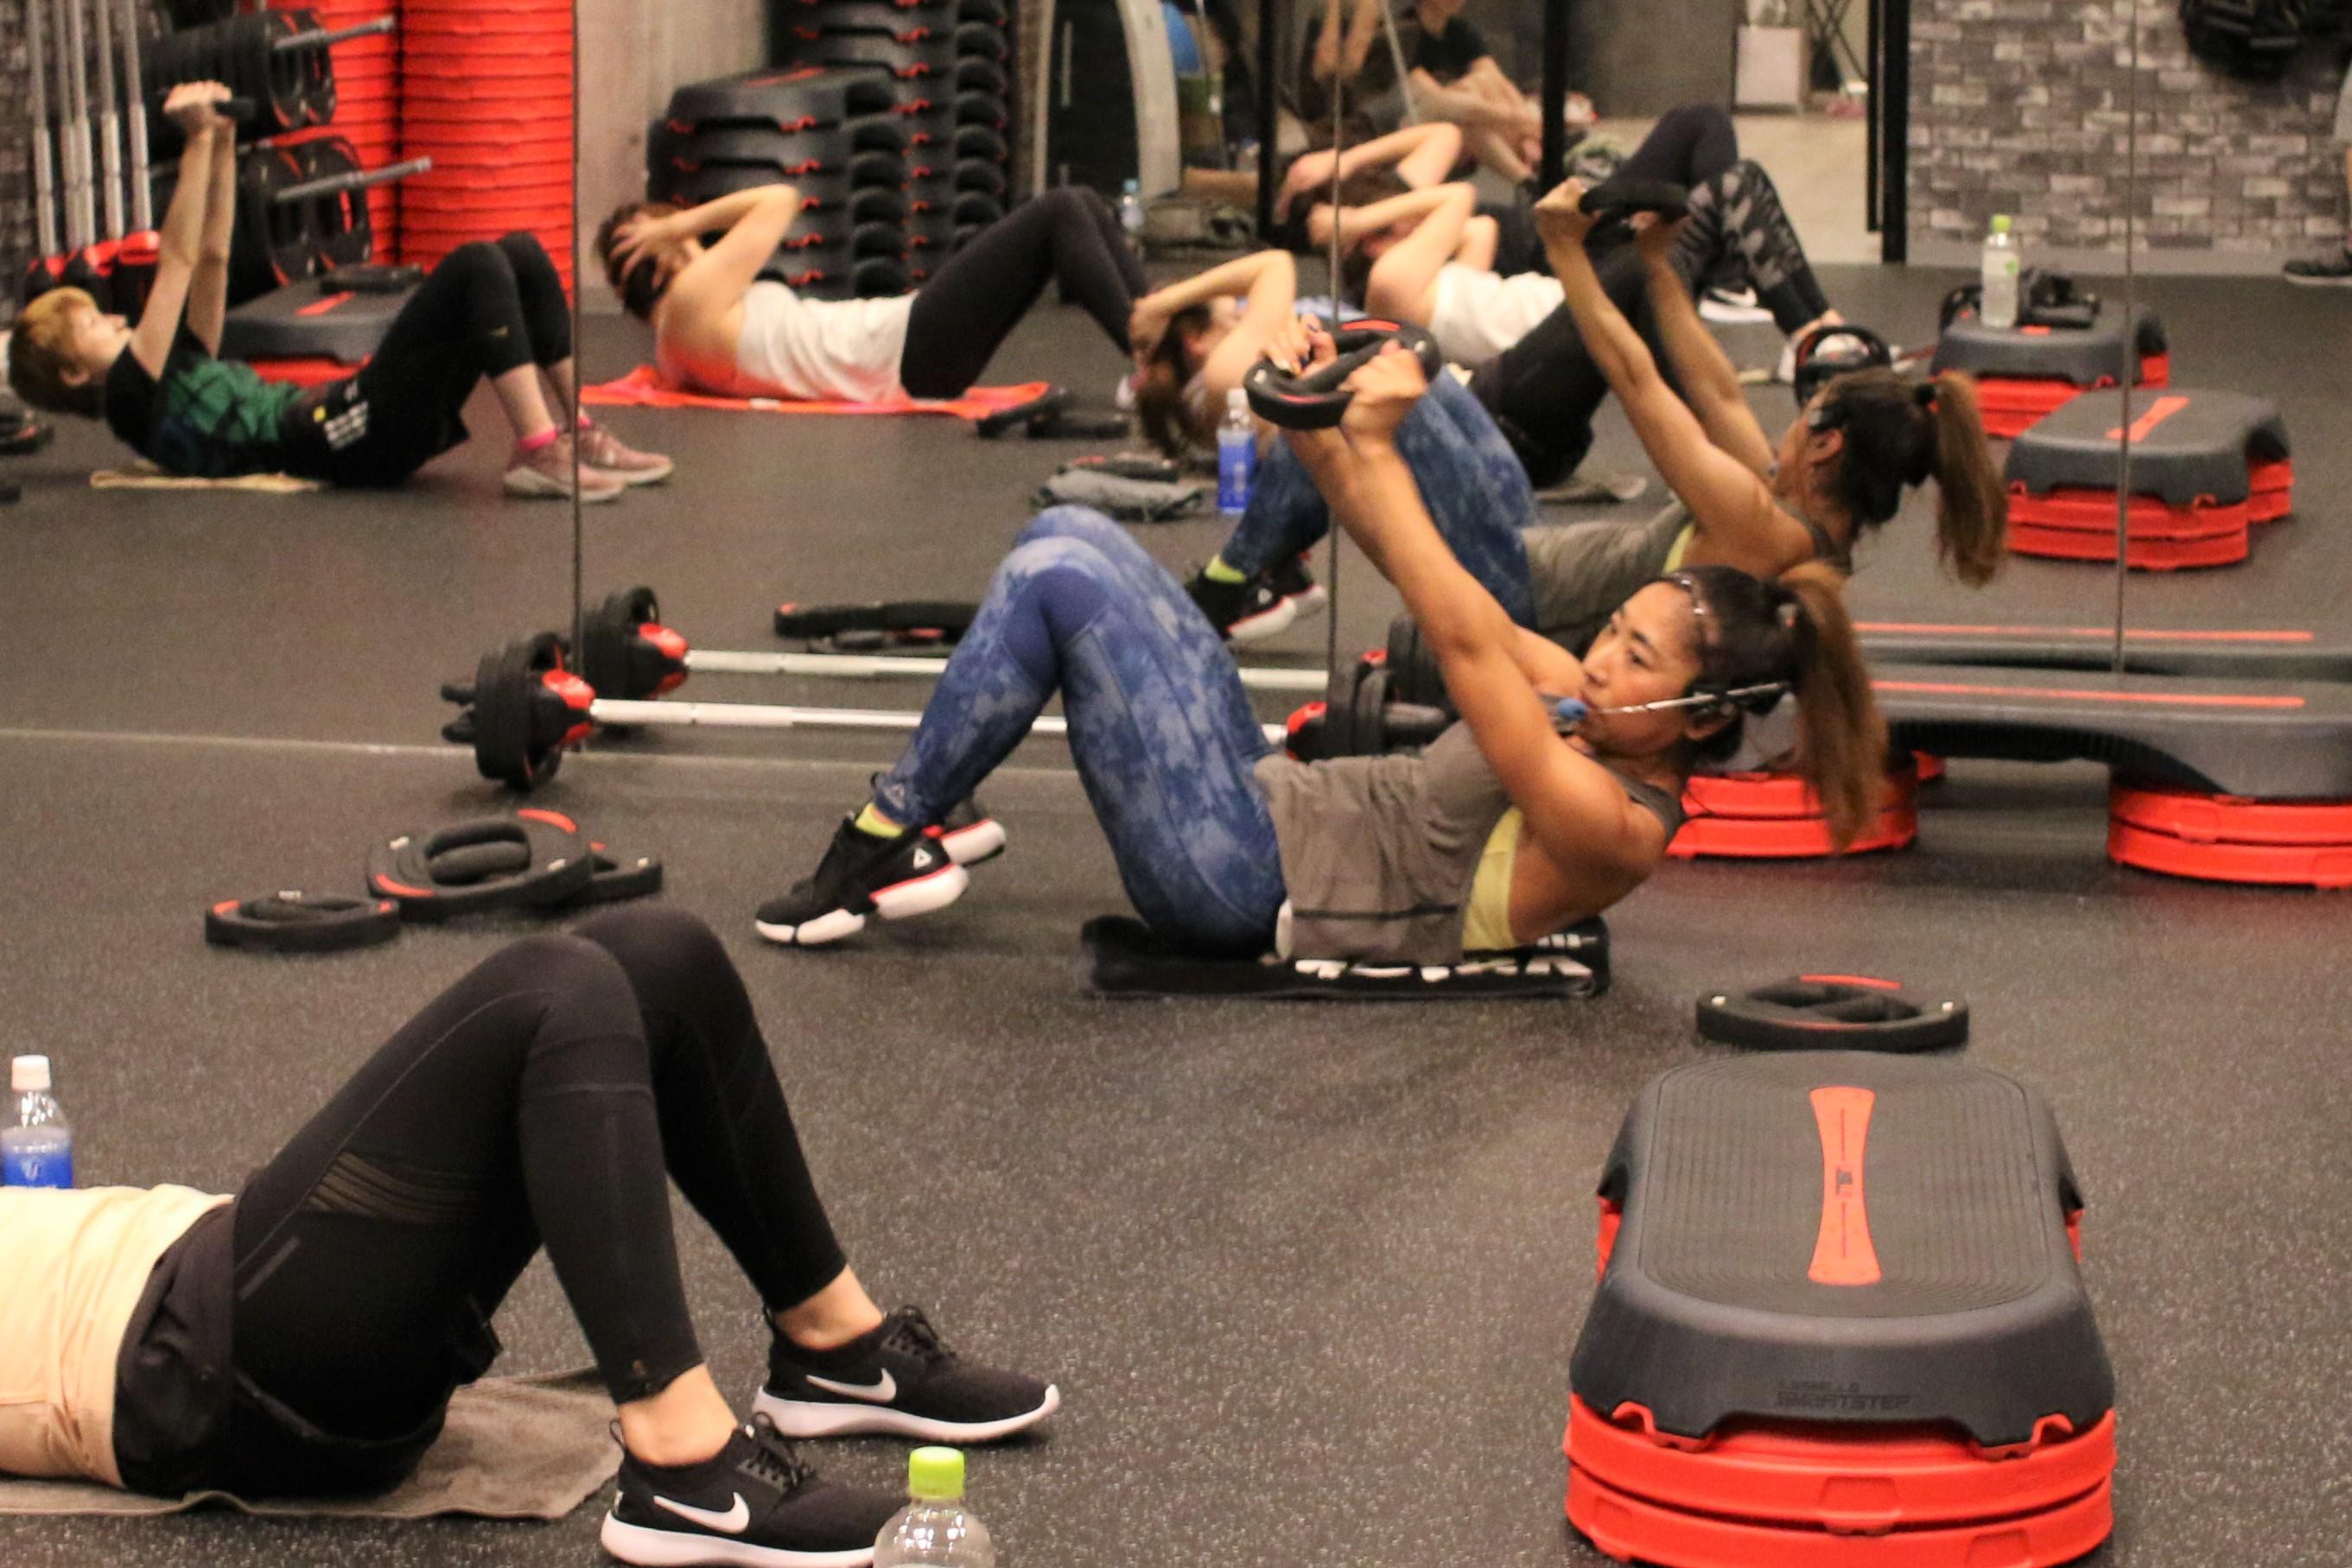 フィットネススタジオvalorで、グループレッスンをする越本さん(行っているプログラムは、全身の筋肉を鍛えるレスミルズのBODYPUMP)